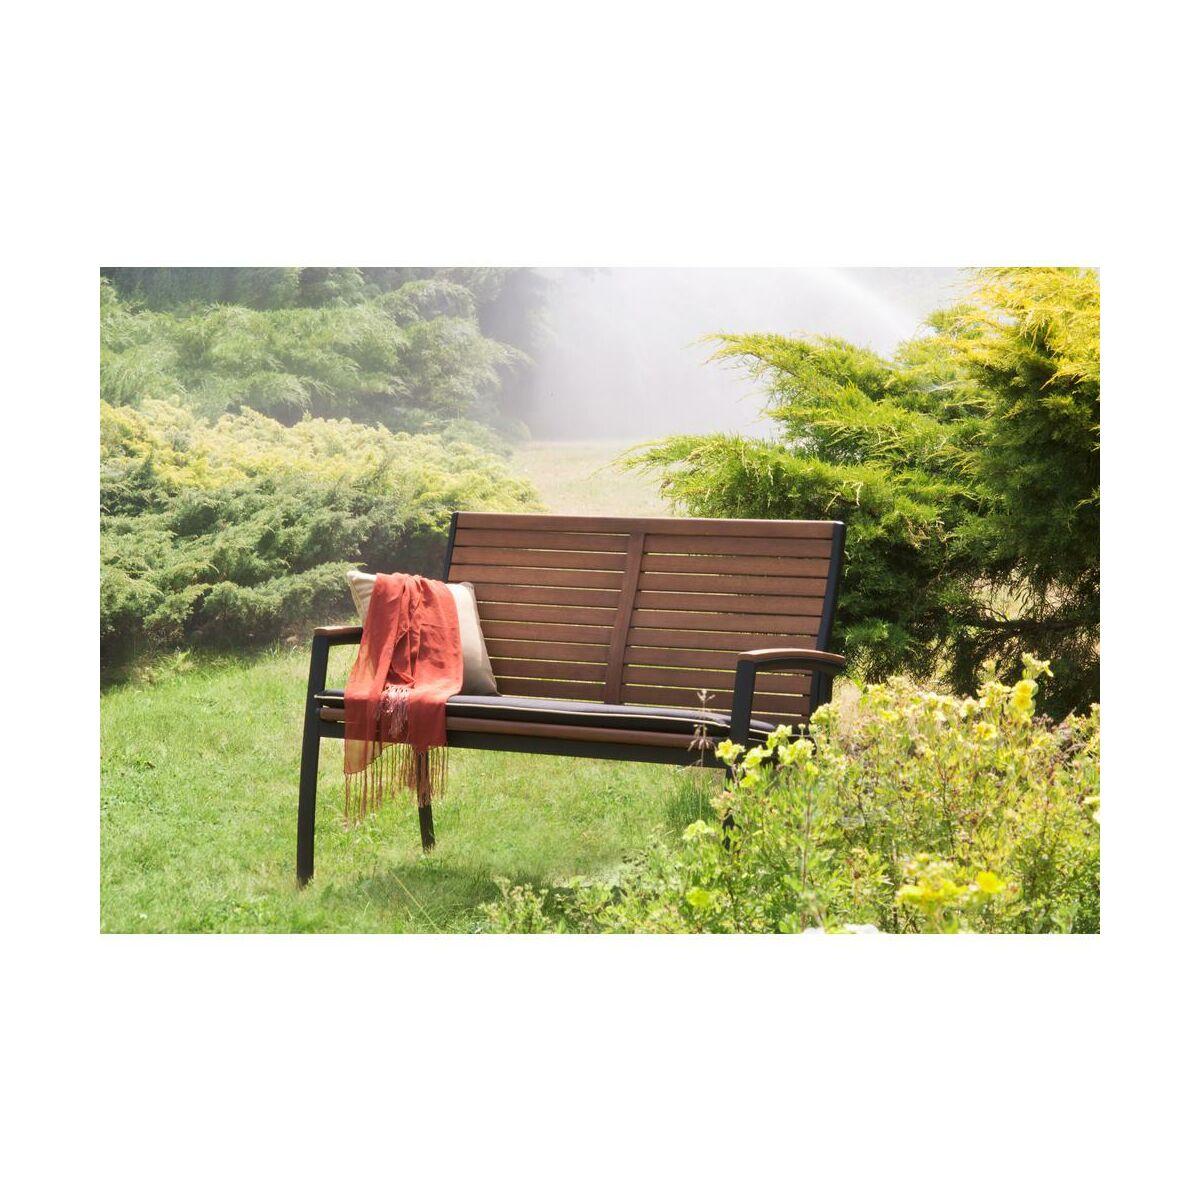 Meble Ogrodowe Rattanowe Leroy Merlin :  Ławki, sofy ogrodowe  w atrakcyjnej cenie w sklepach Leroy Merlin